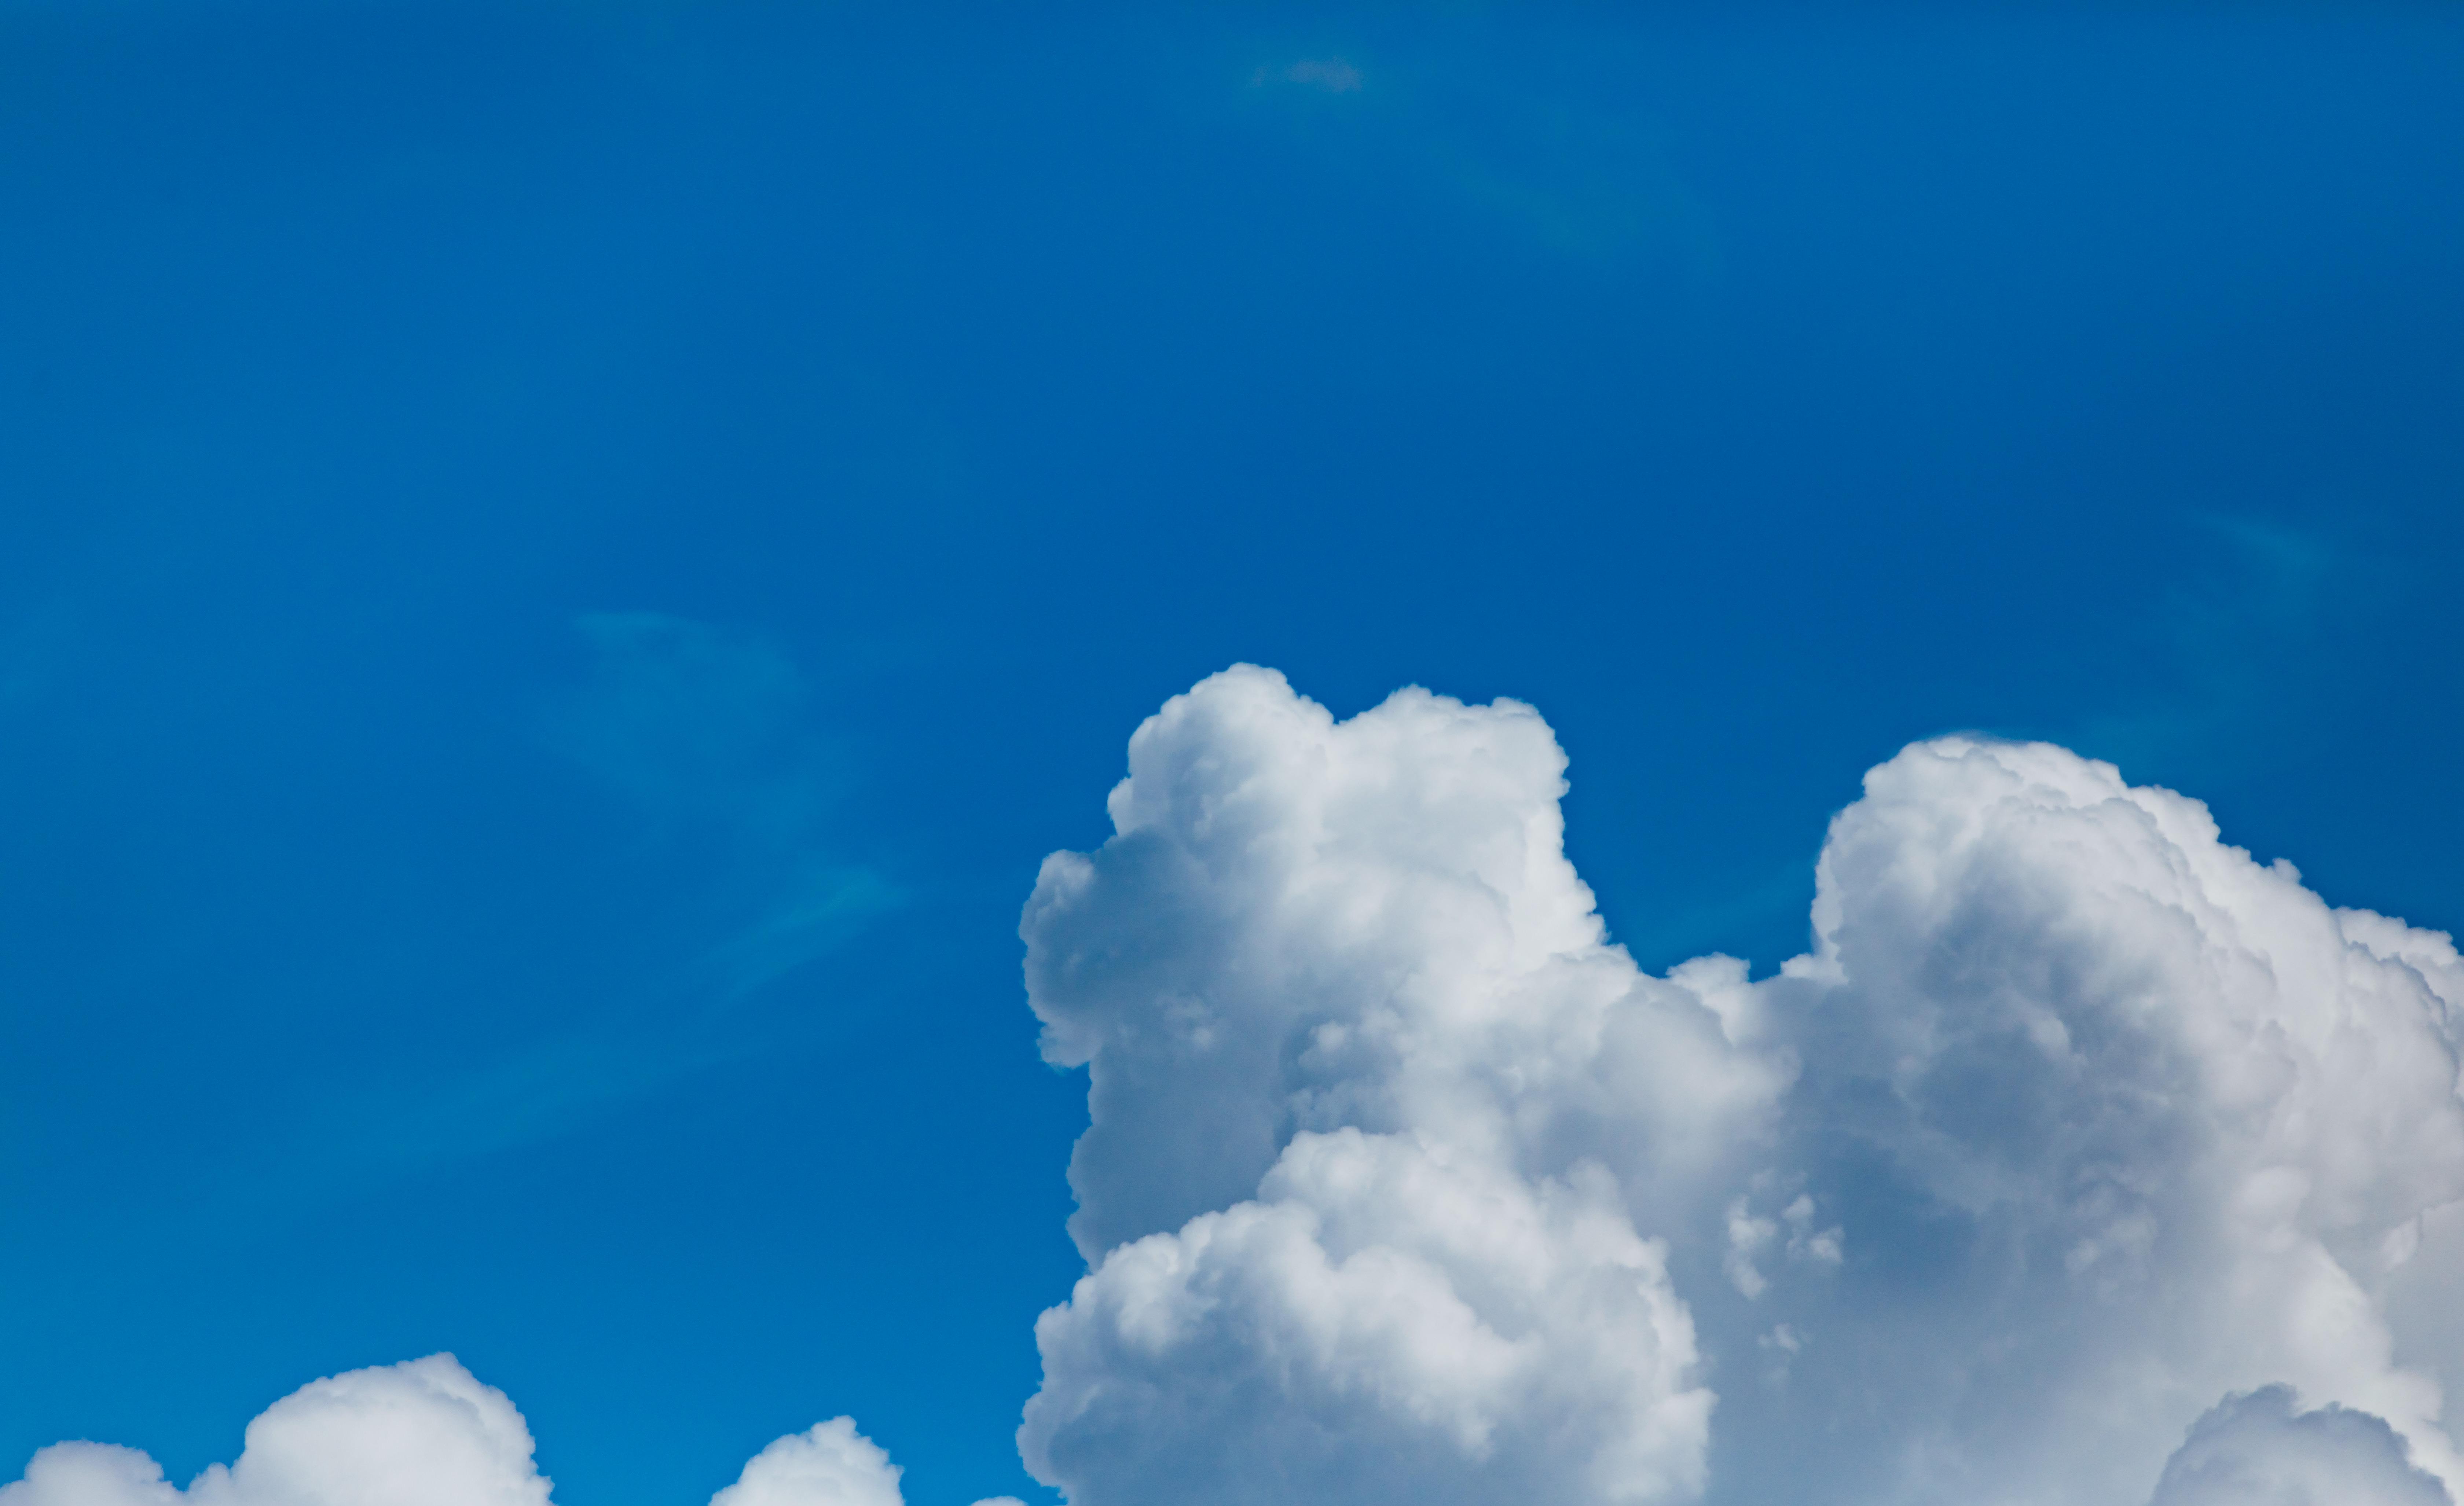 フリー 空 写真 驚きしかない…!ドラマチックな空写真が誰でも撮れちゃうコツ3つ|スマホ撮影テク #29